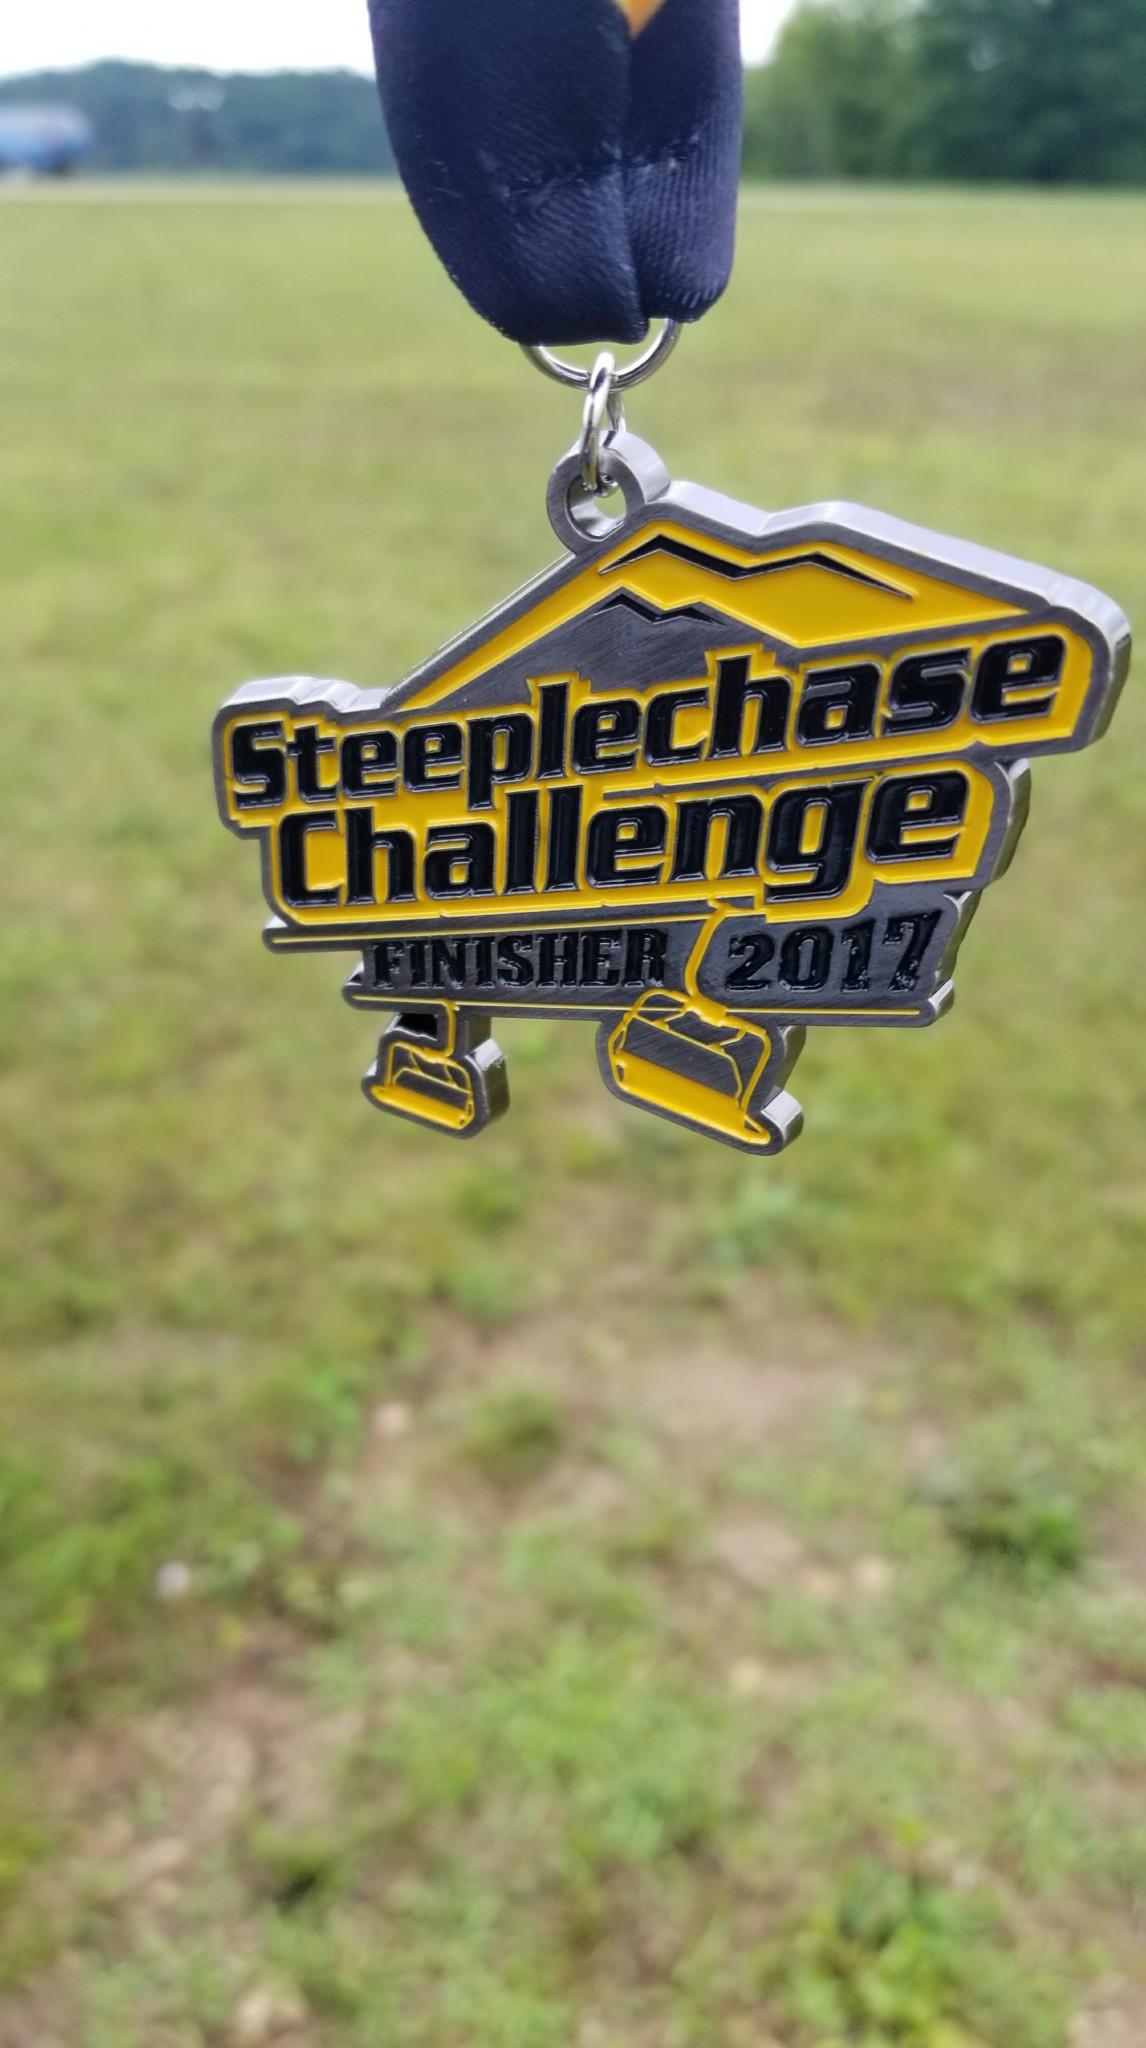 Steeplechase-Medal-Dan-Stowe